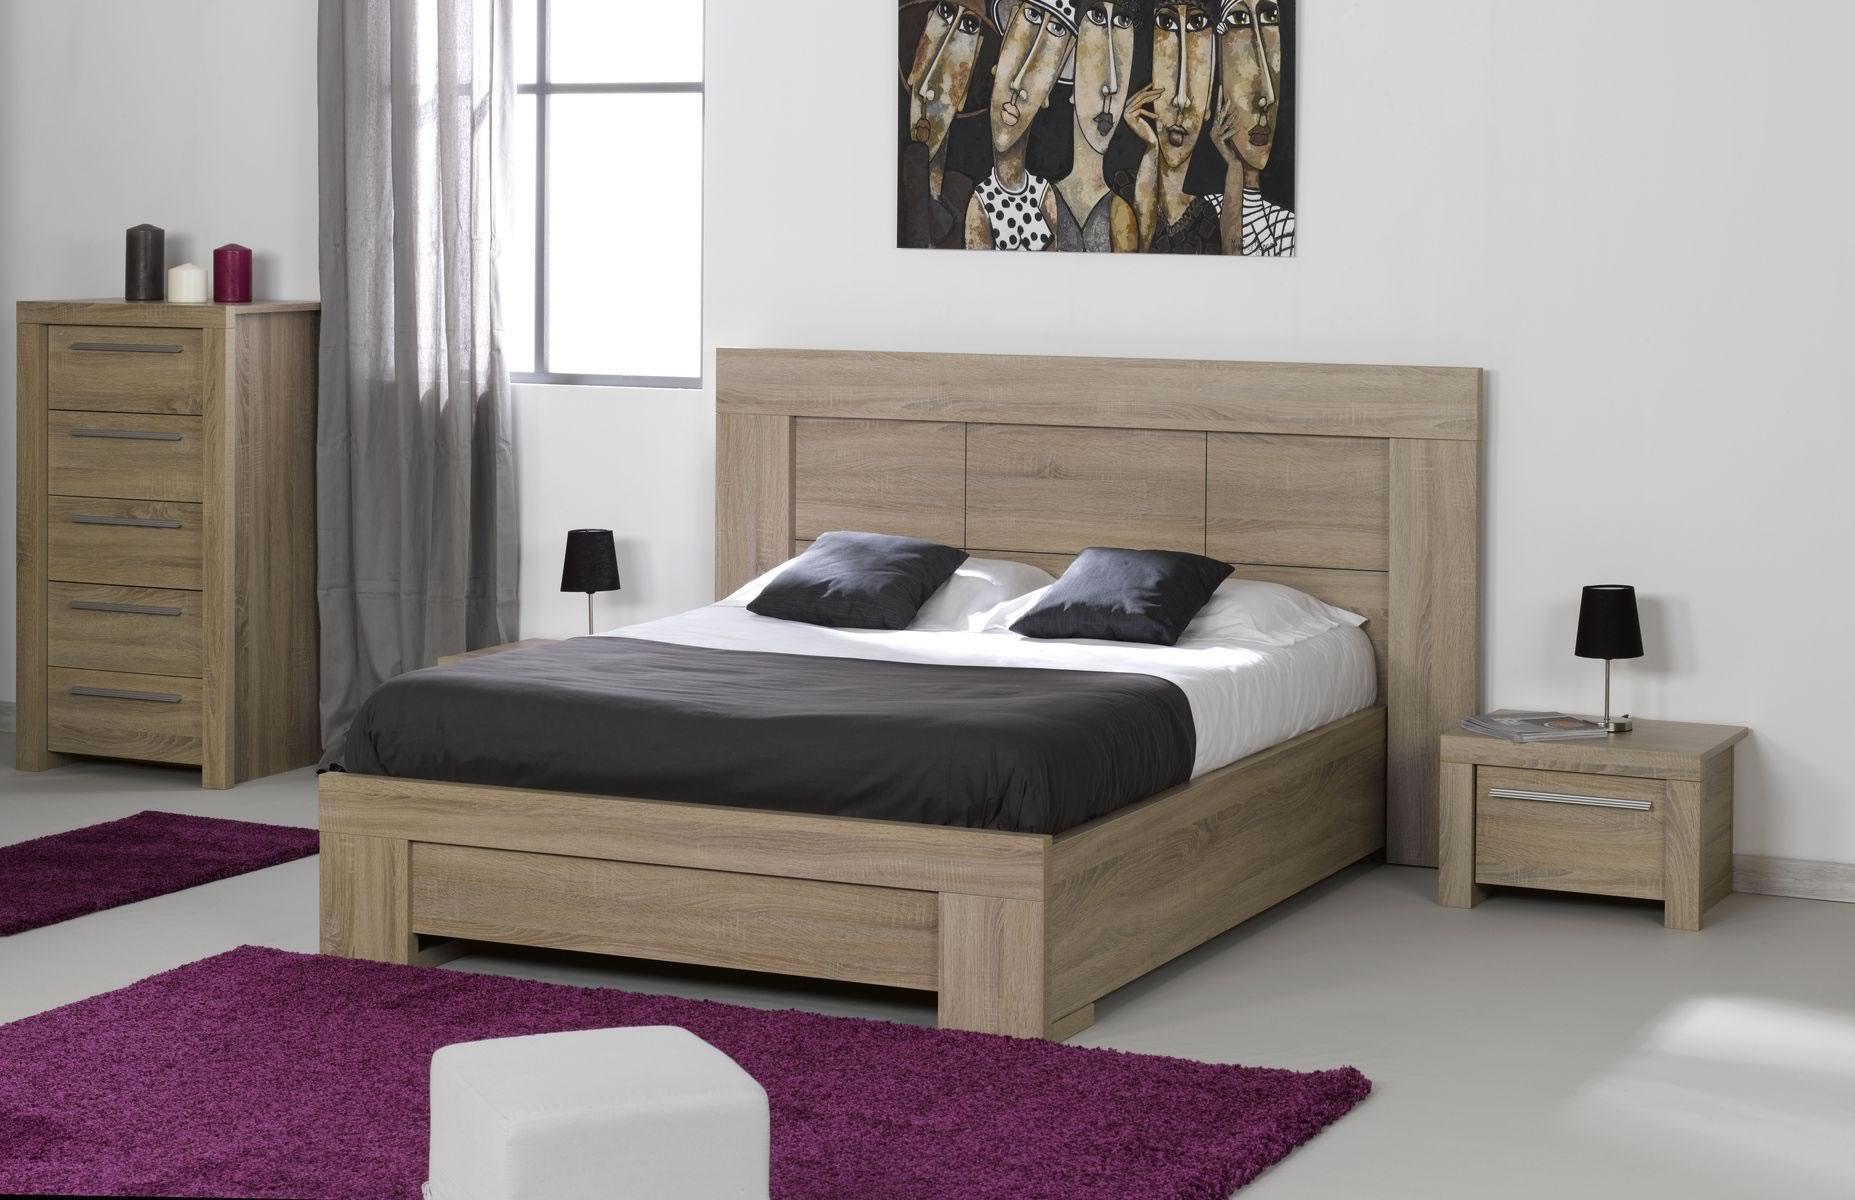 Chambre a coucher avec lit gigogne 084221 for Chambre a coucher lit